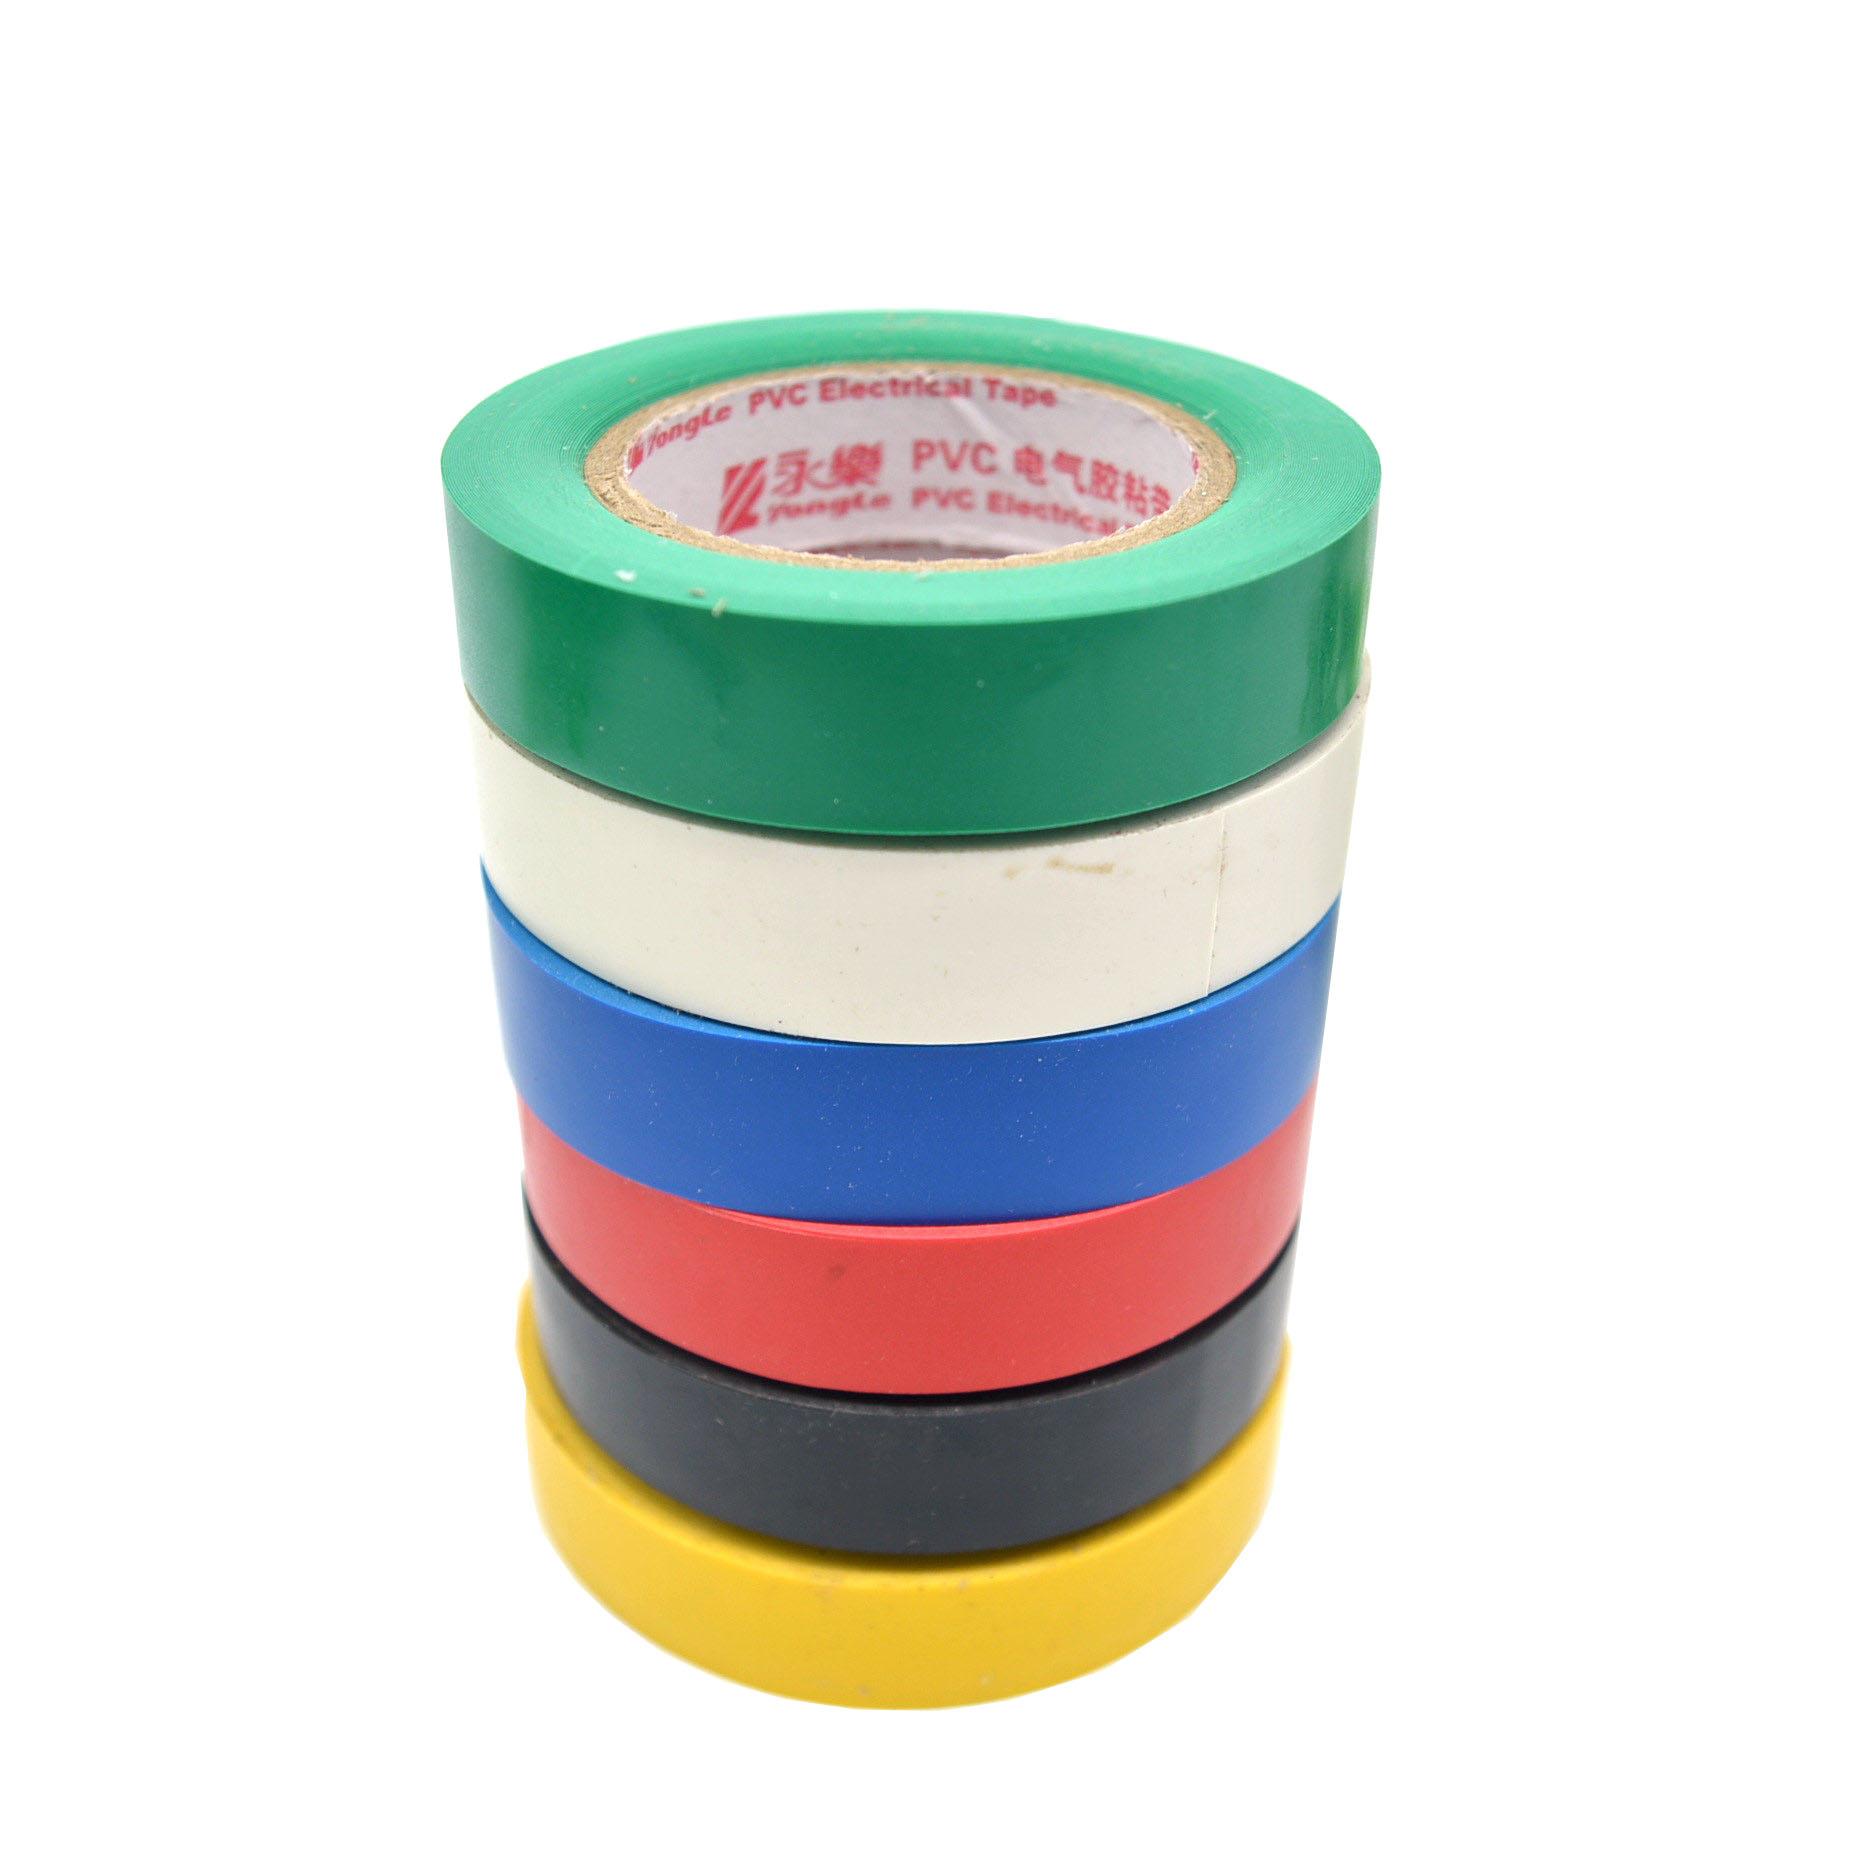 Навсегда музыка изоляция лента красный / белый / зеленый / черный электрический работа лента PVC электричество газ электрик лента